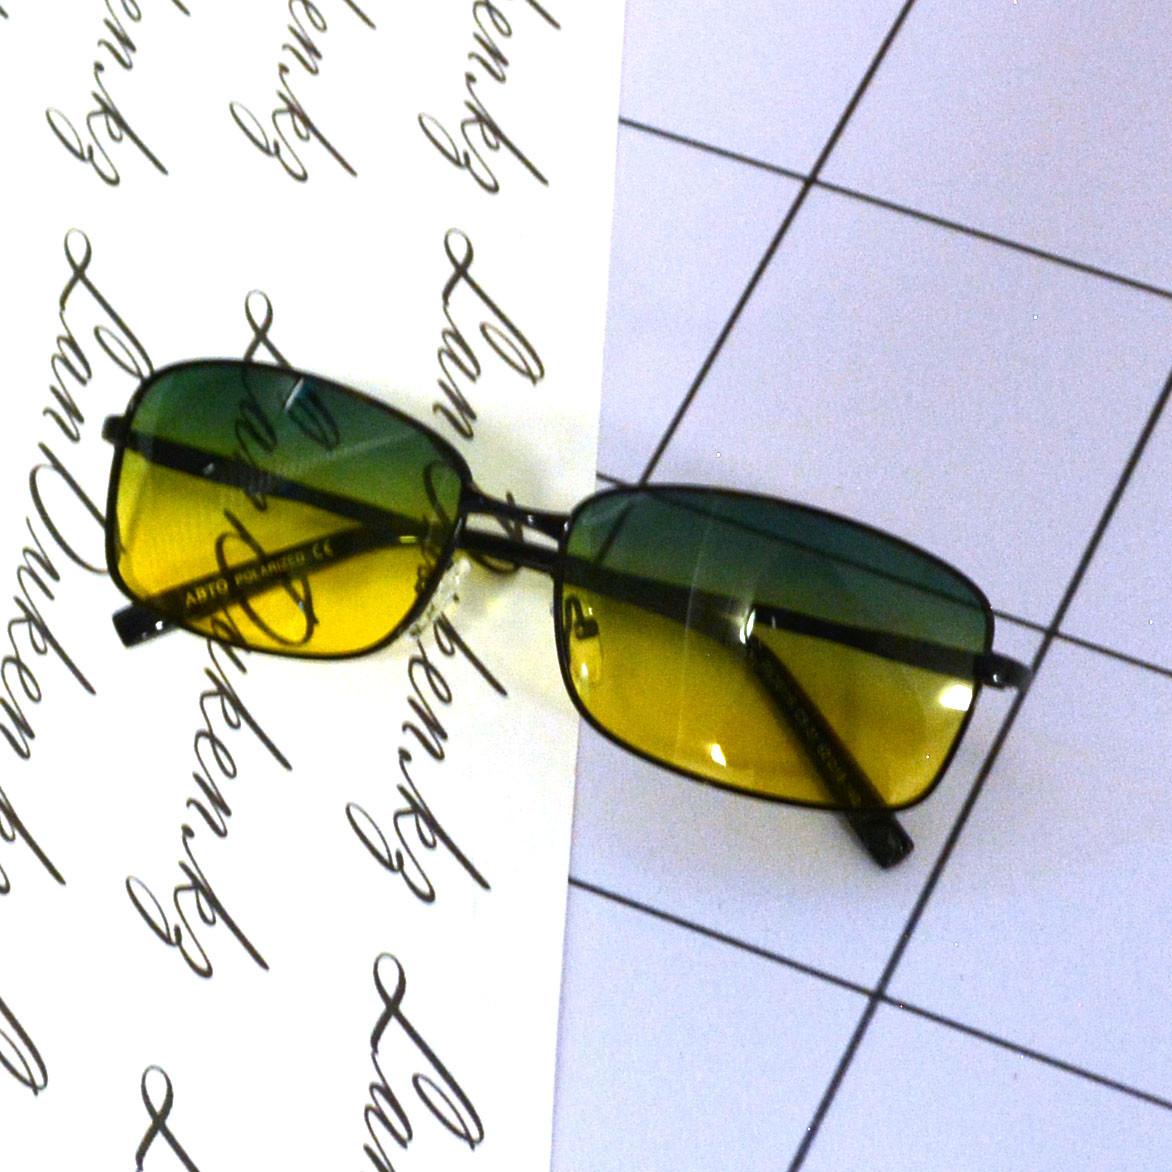 Солнцезащитные поляризационные очки ПОЛАРОИД UV400 тонкая оправа желто зеленые стекла АВТО PX16116 - фото 6